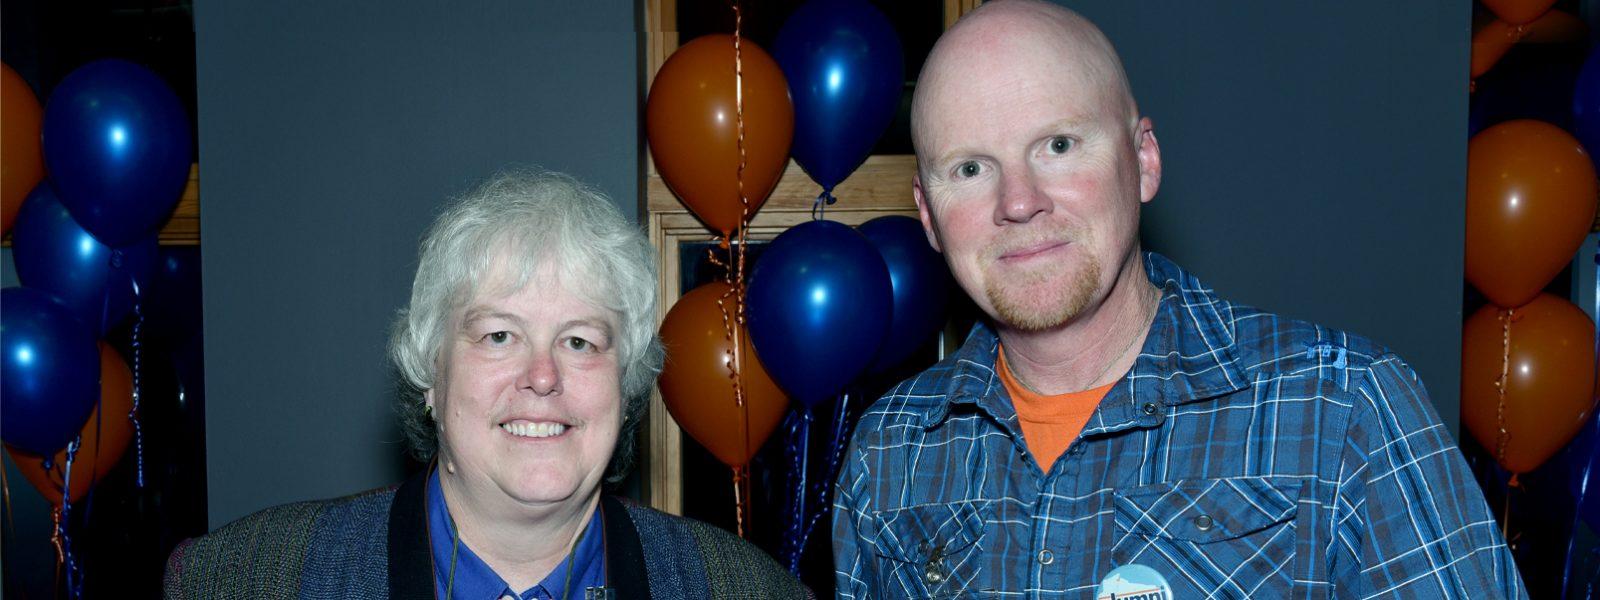 Northland College alums Derek Ogle and Tam Hofman